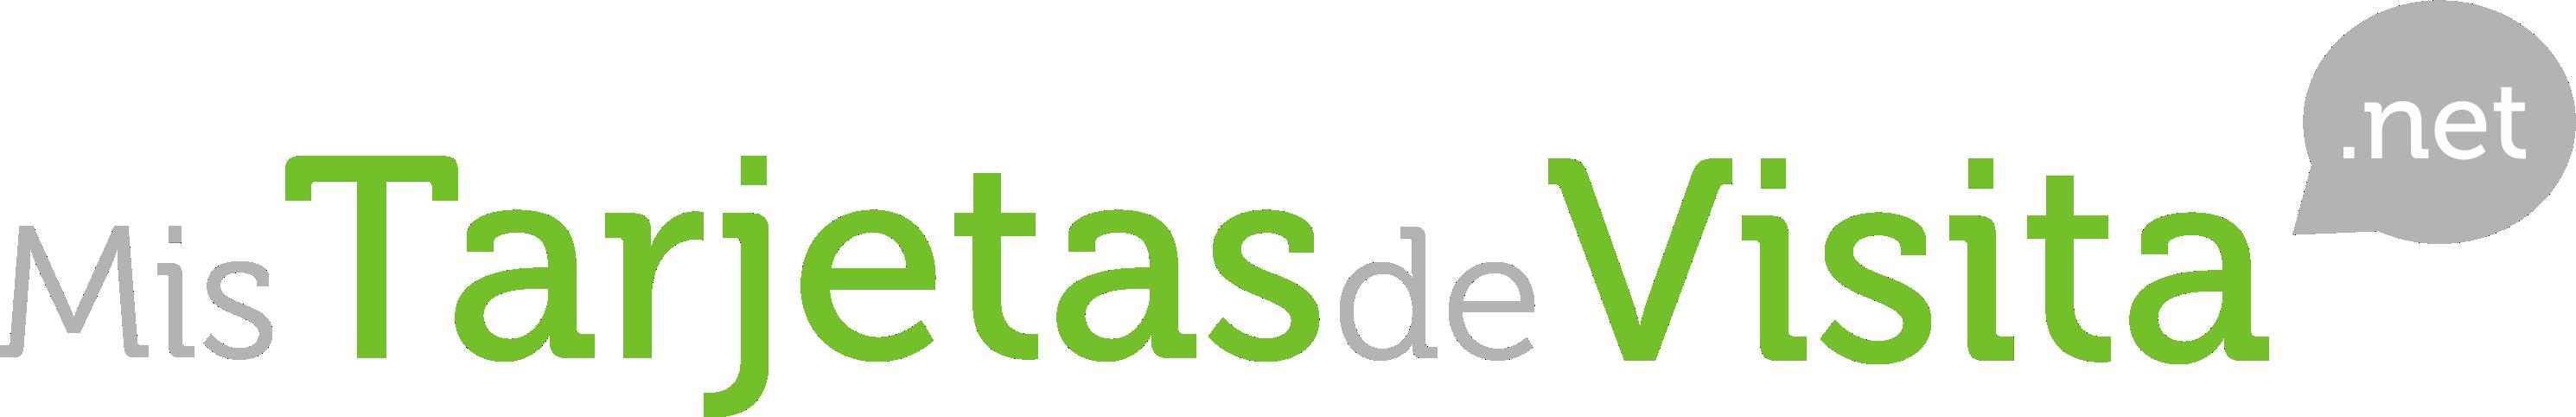 MisTarjetasDeVisita logo